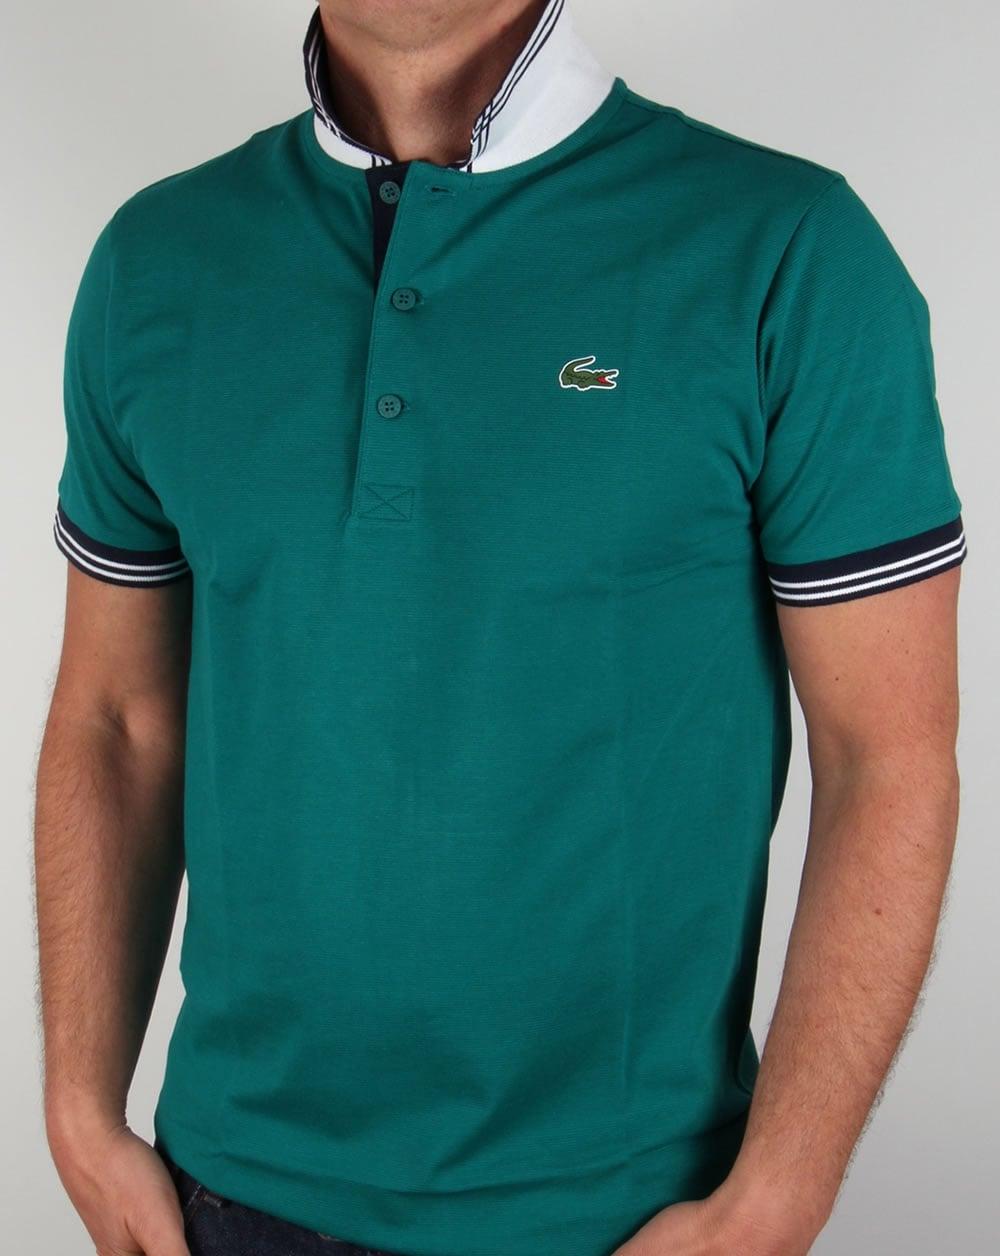 lacoste piping collar golf polo shirt duck green navy